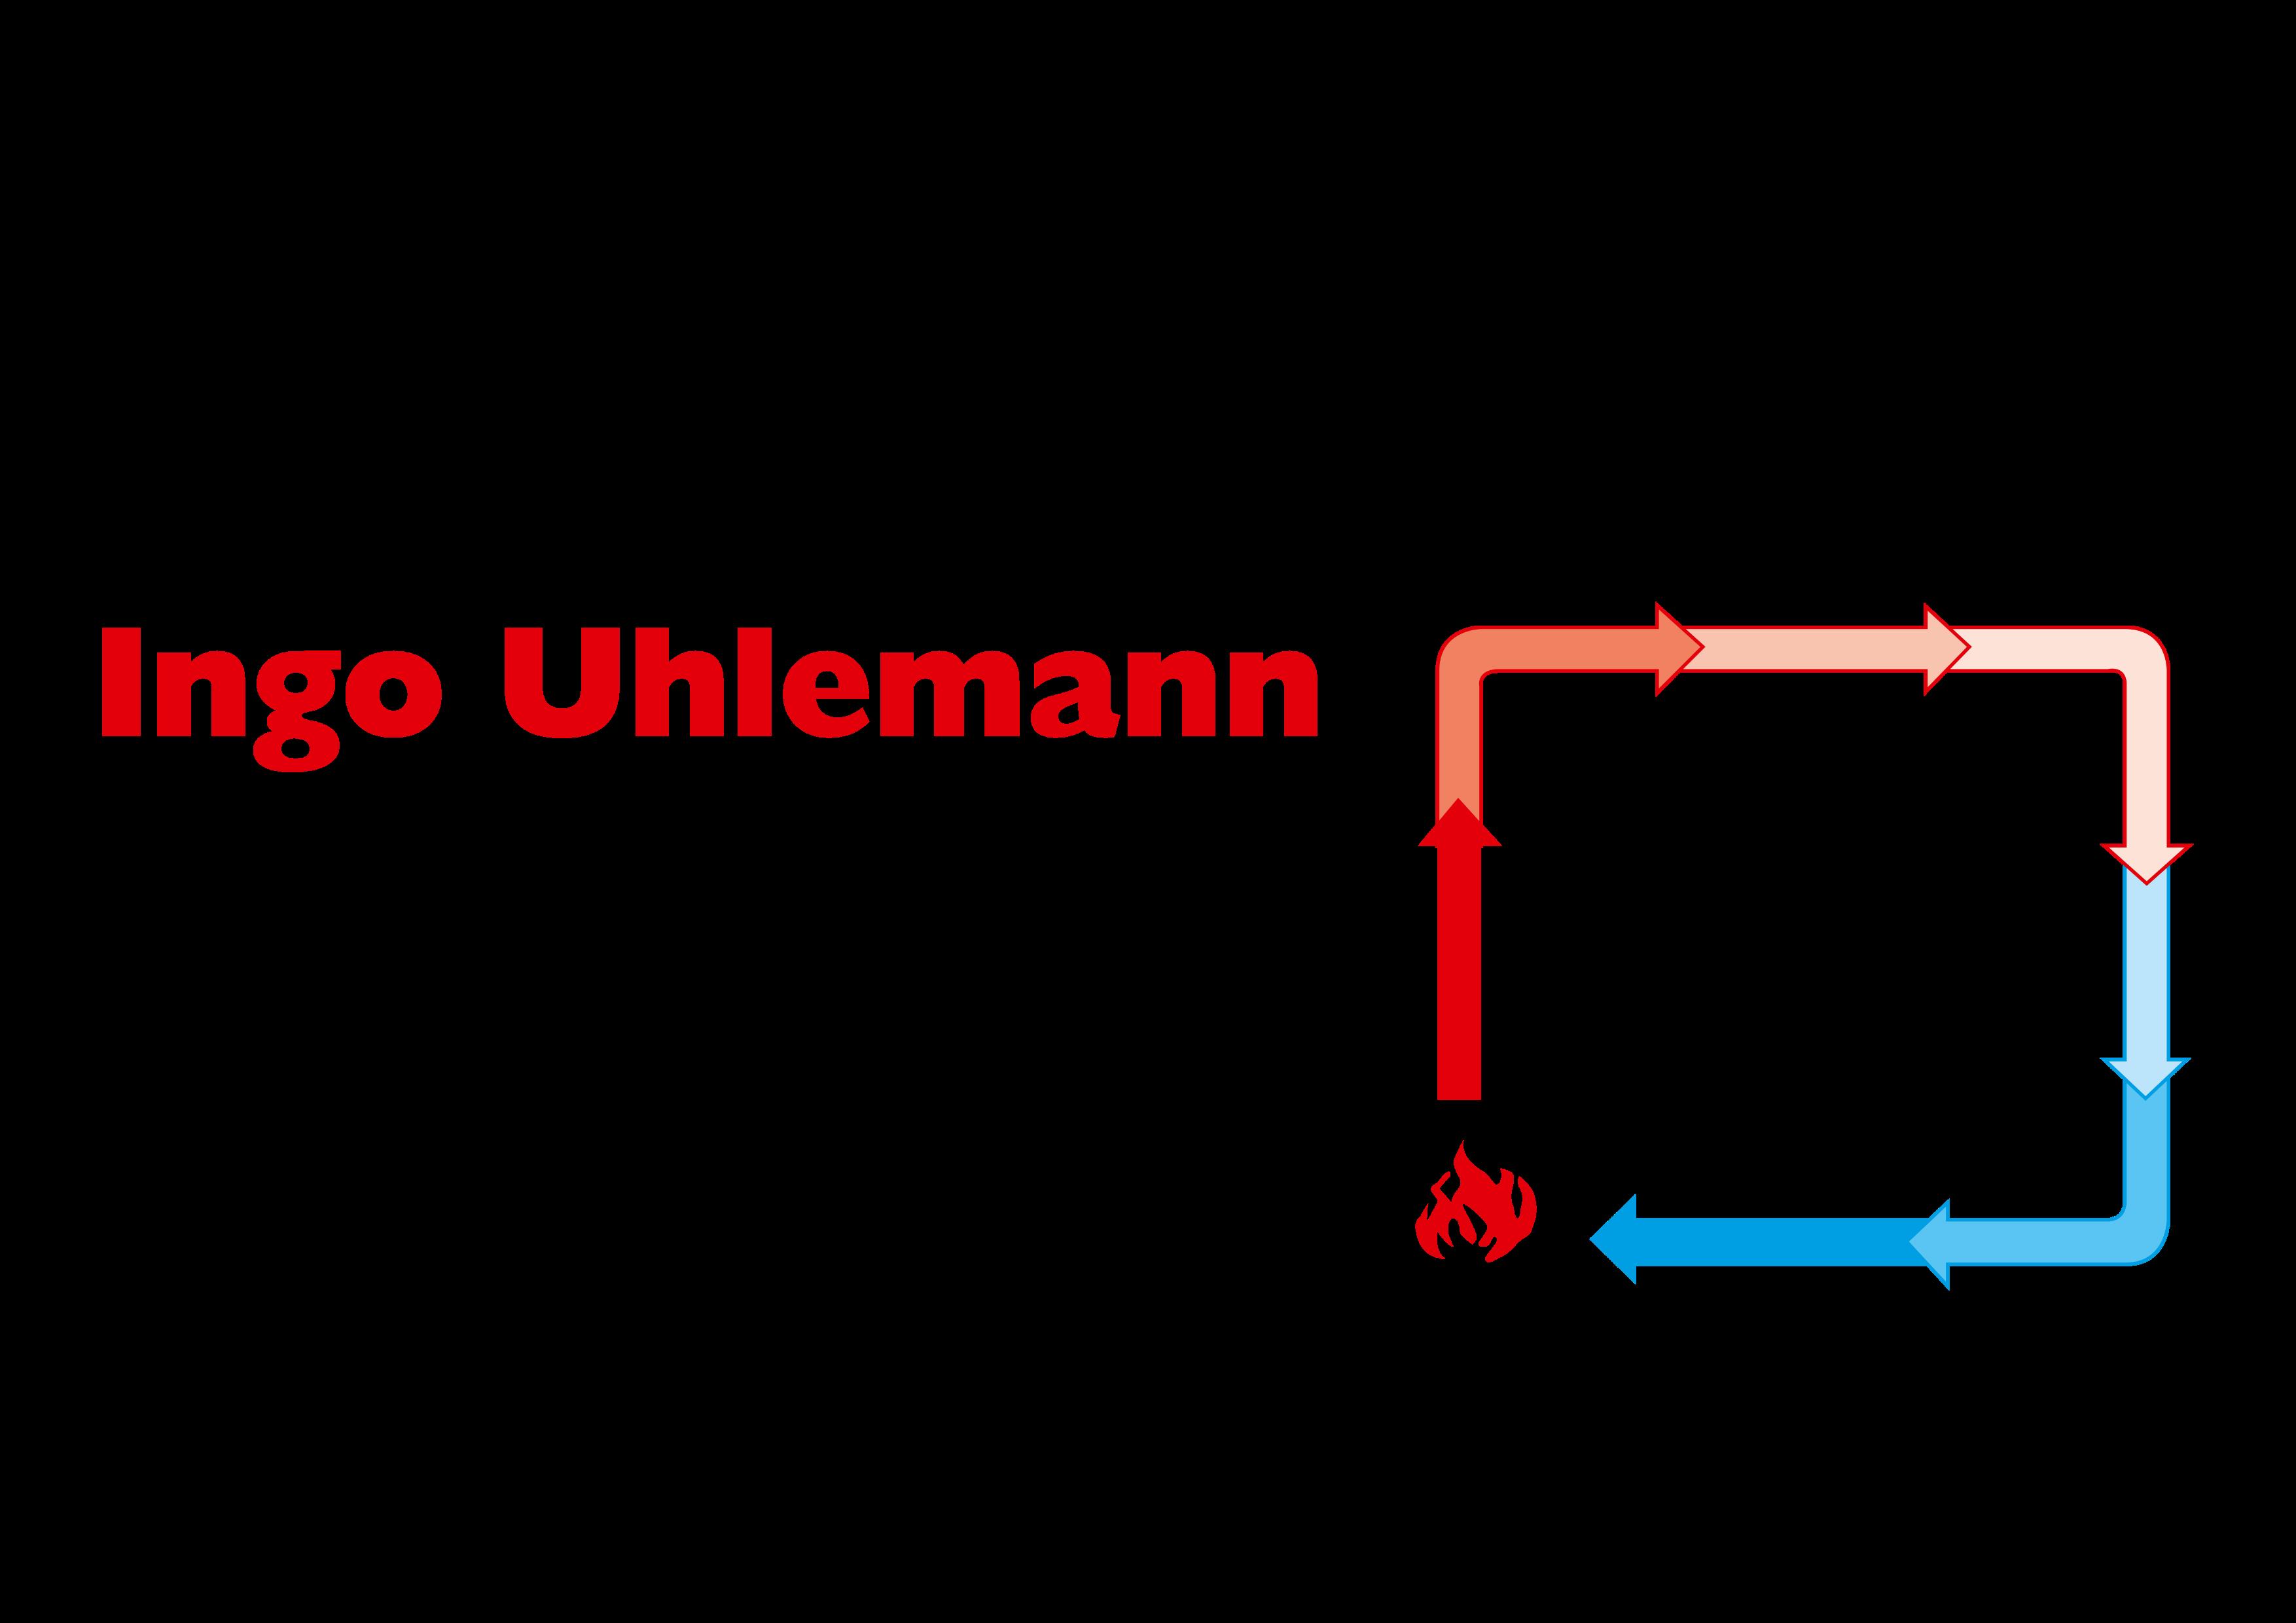 Heizung & Sanitär Ingo Uhlemann